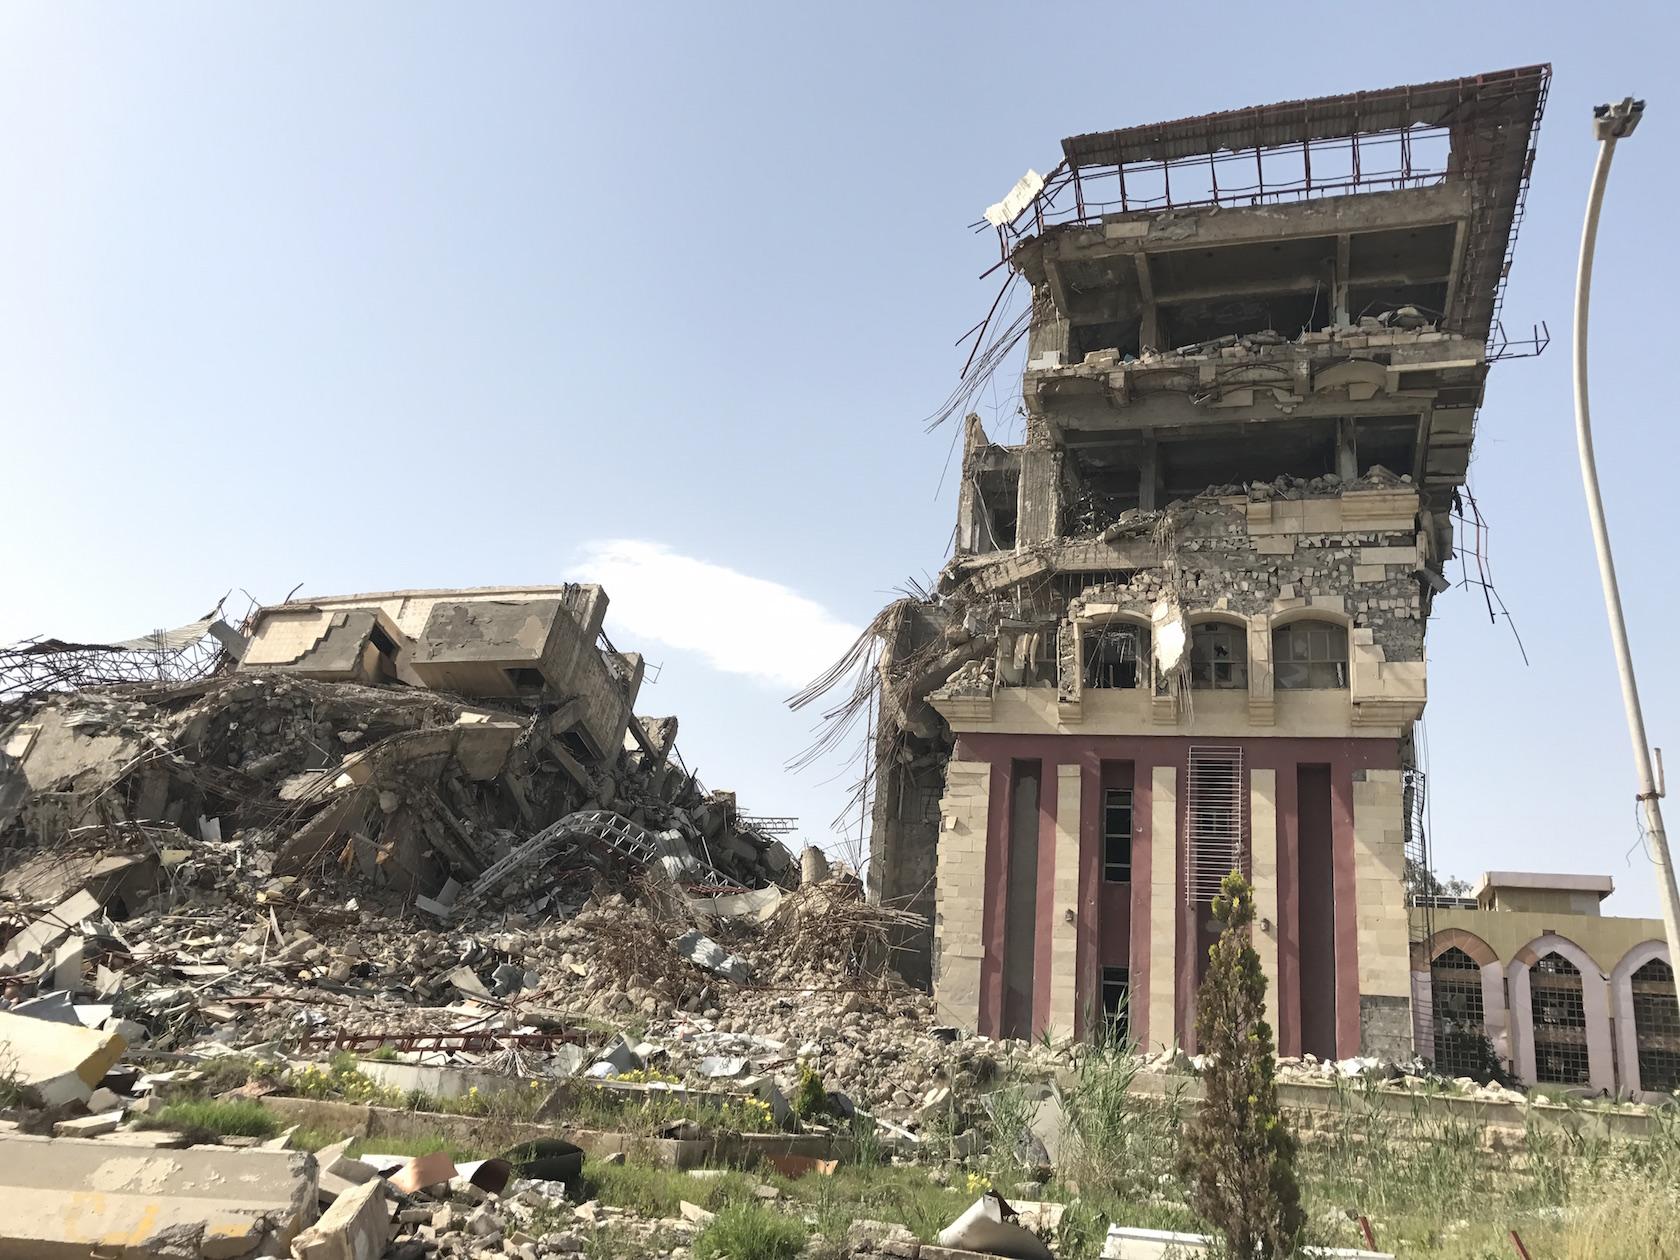 सेनाओं के जमीनी और हवाई हमलों के बाद शहर के पूर्वी इलाके में स्थित मोसुल विश्वविद्यालय का यह हाल हो गया है. फोटो क्रेडिट : सुप्रिया शर्मा